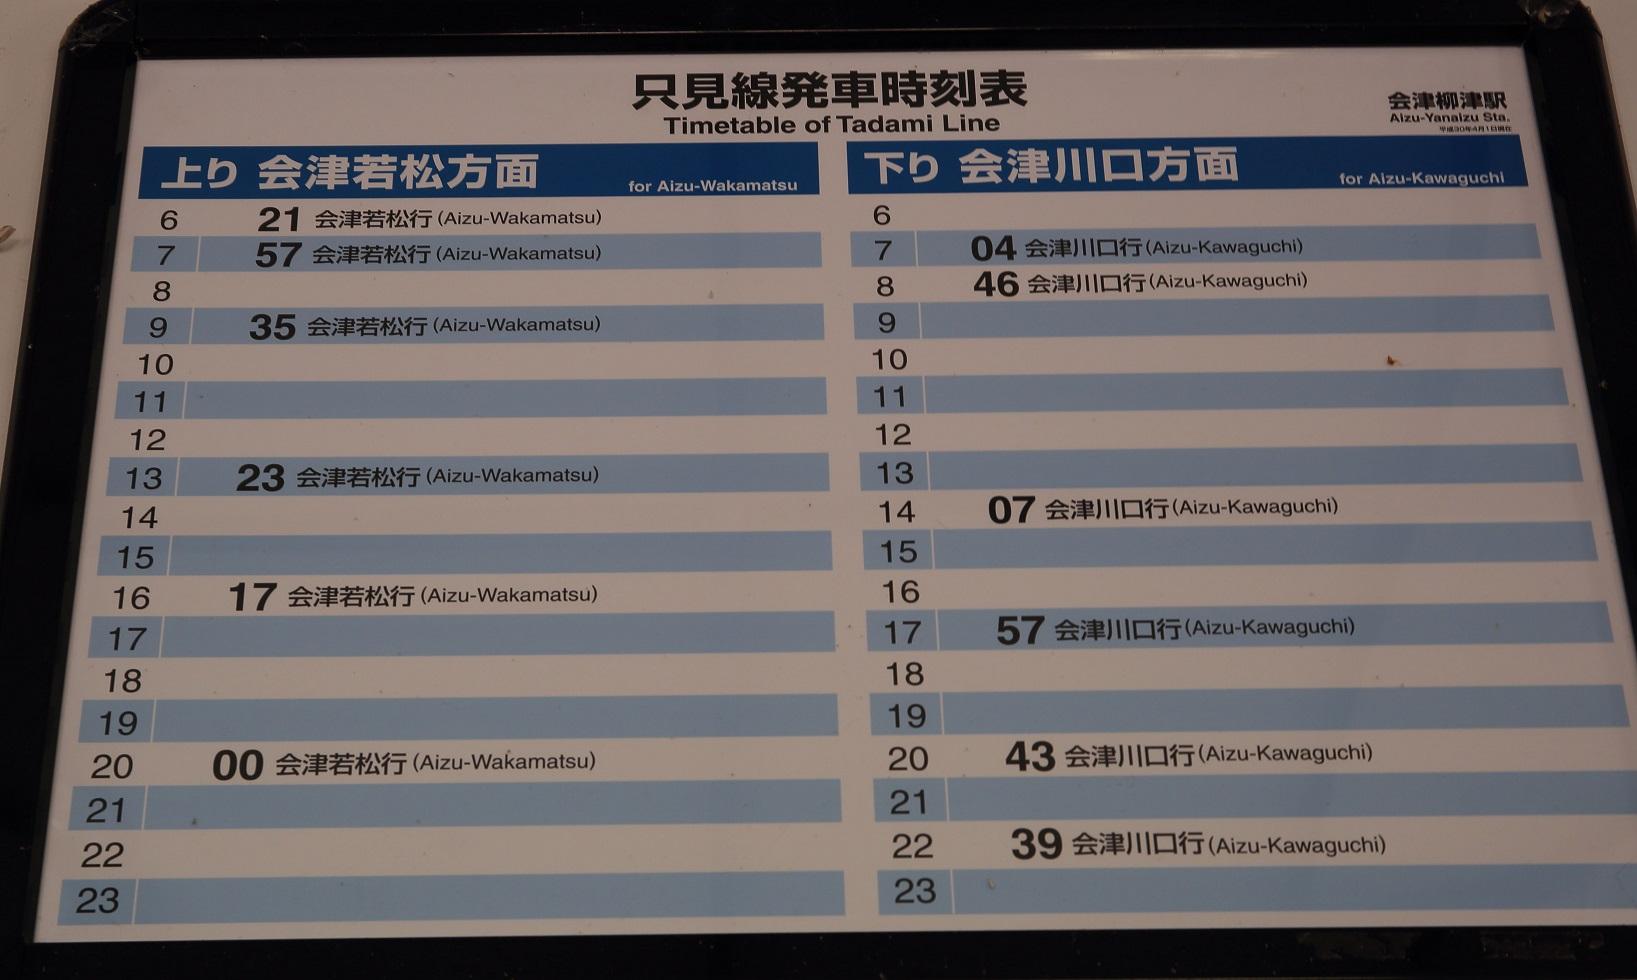 ブログ 柳津駅の時刻表.jpg